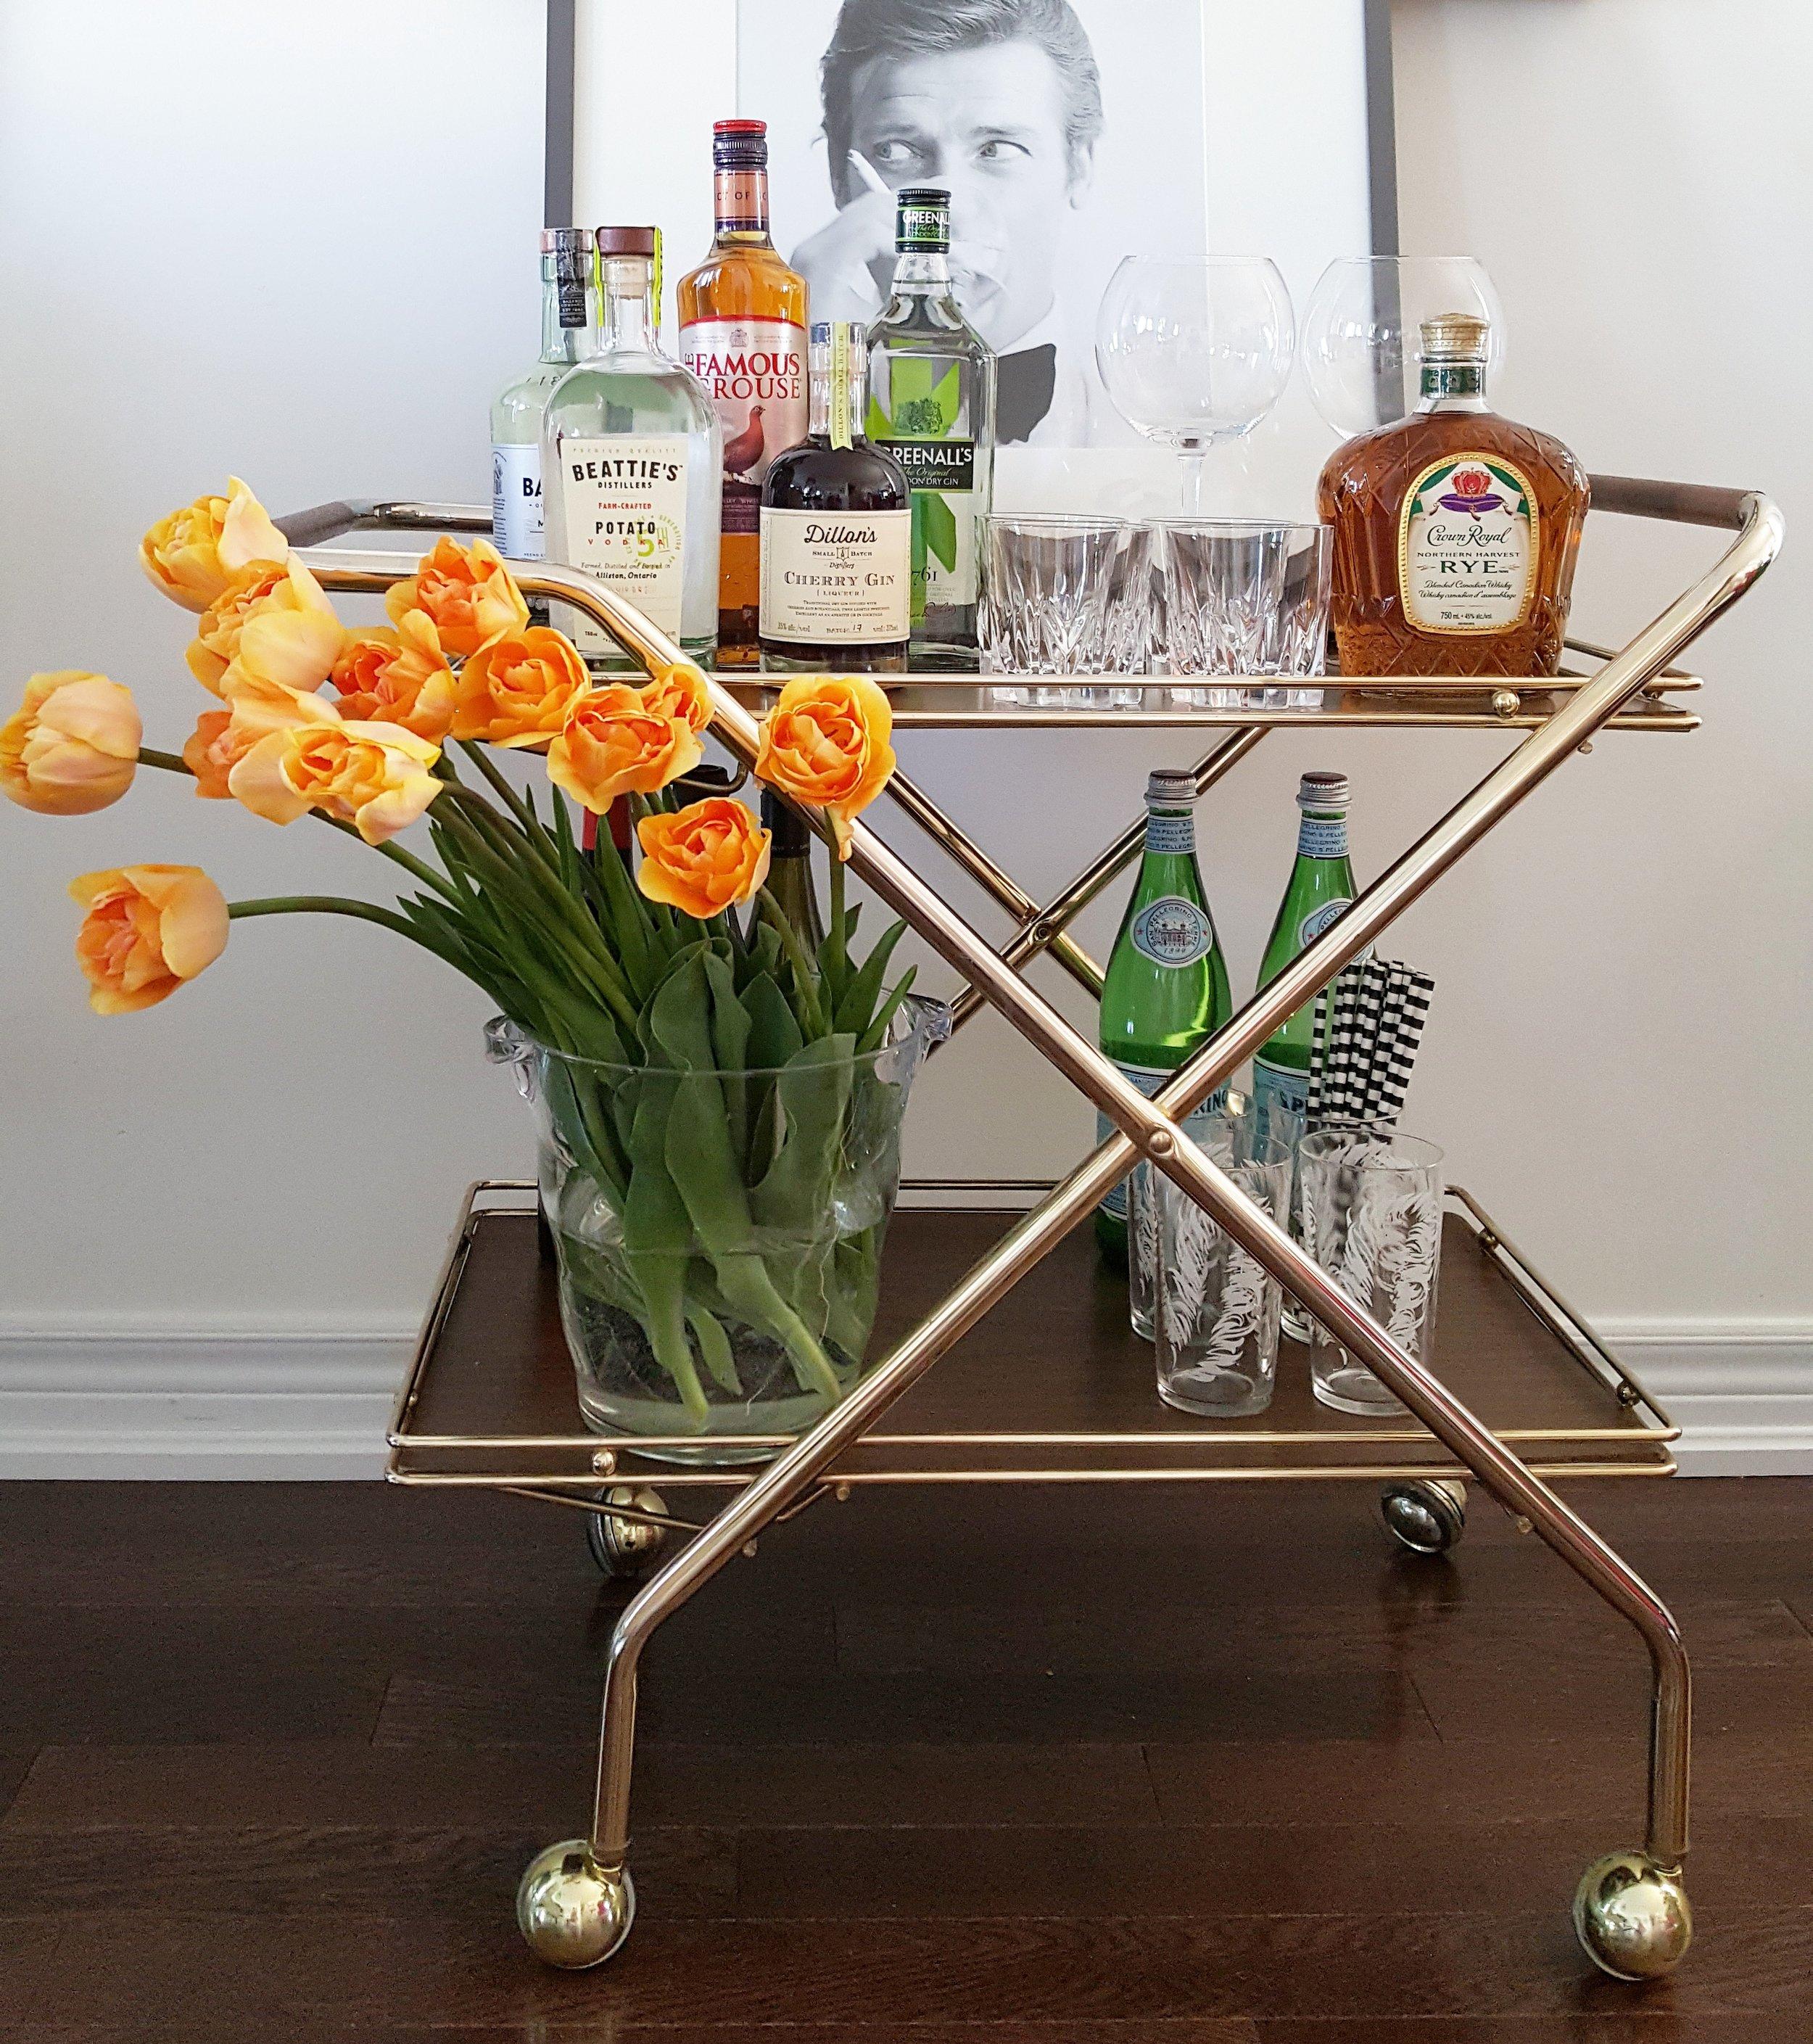 Vintage Bar Cart: After